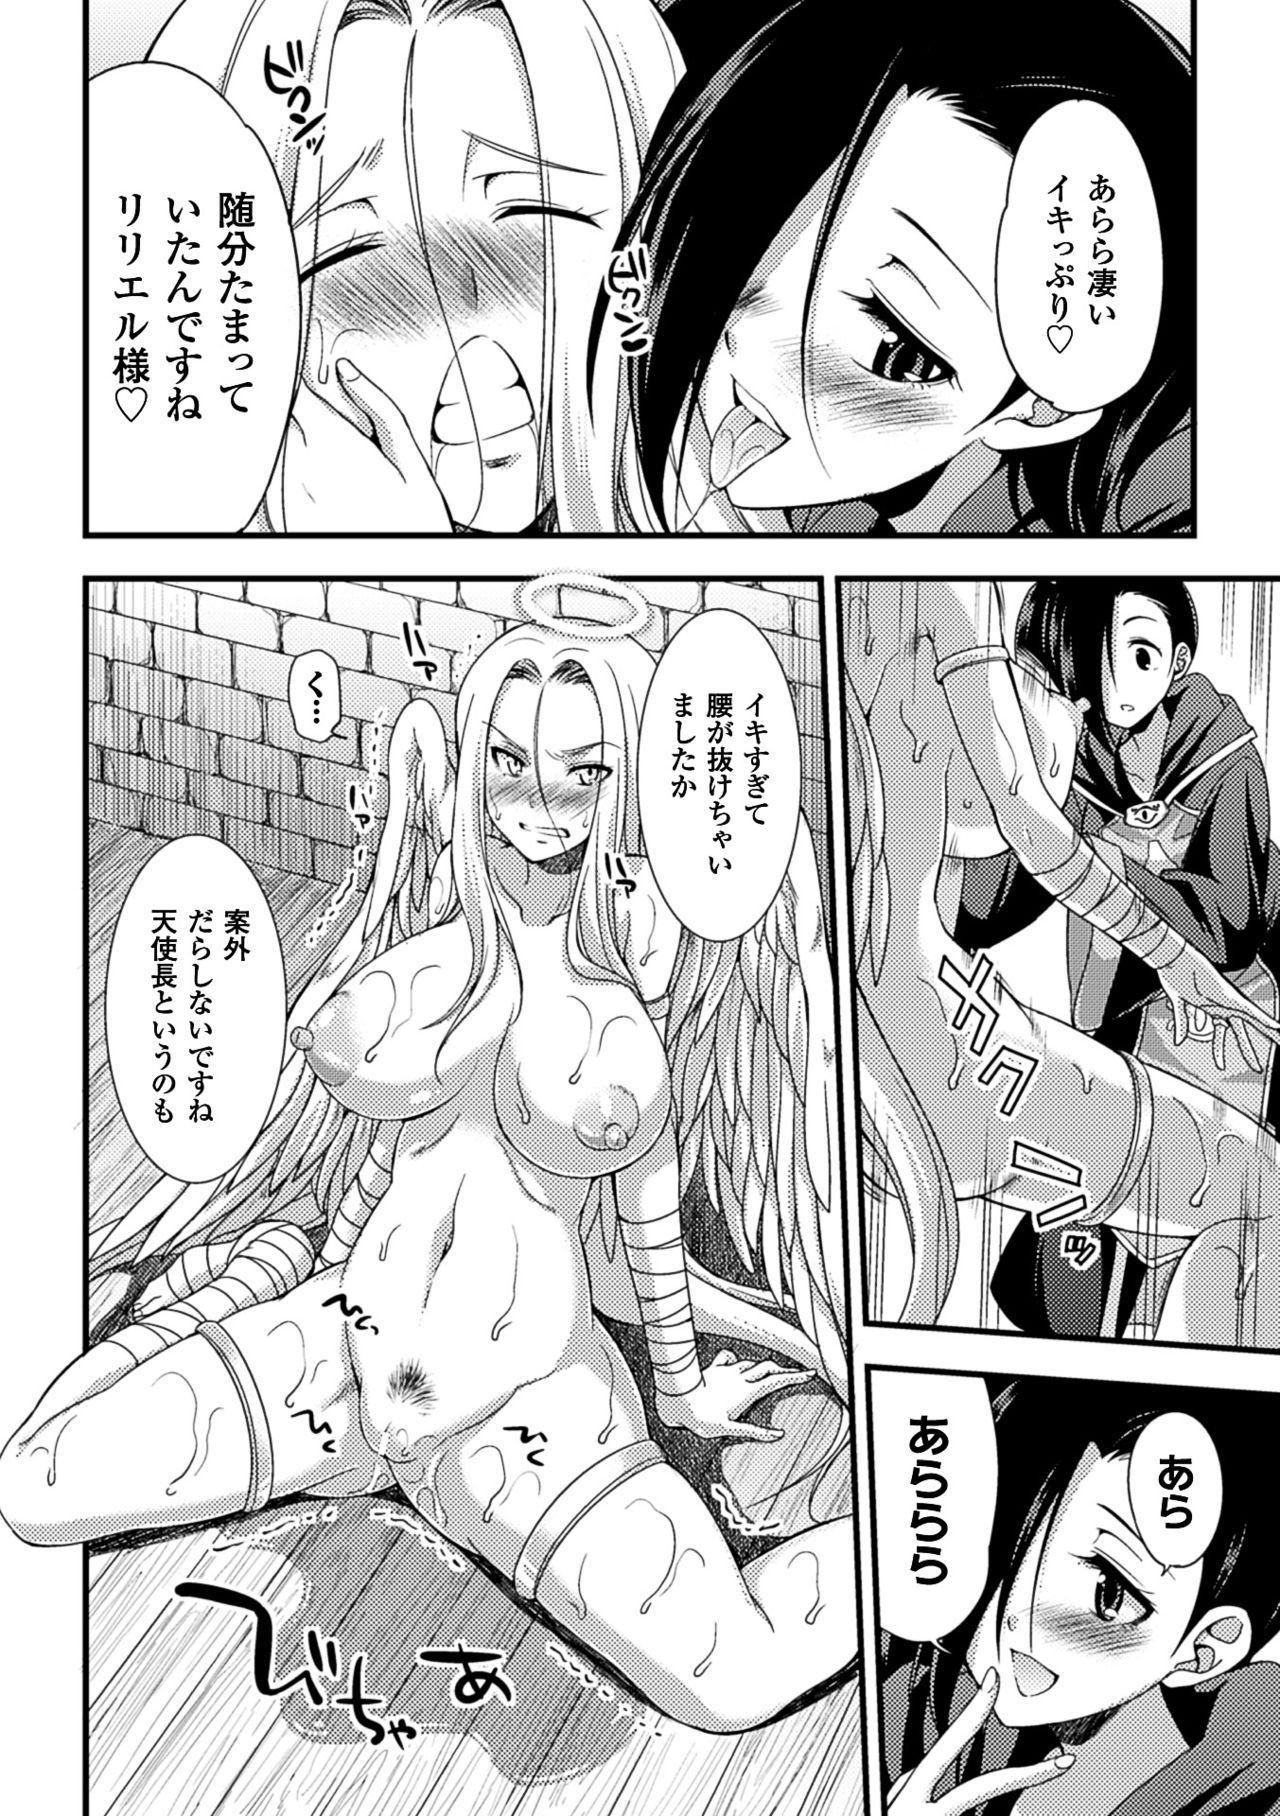 2D Comic Magazine Jingai Musume Haramase Kedakaki Mesu-tachi wa Ningen Kodane ni Kuppuku Suru Vol. 2 12